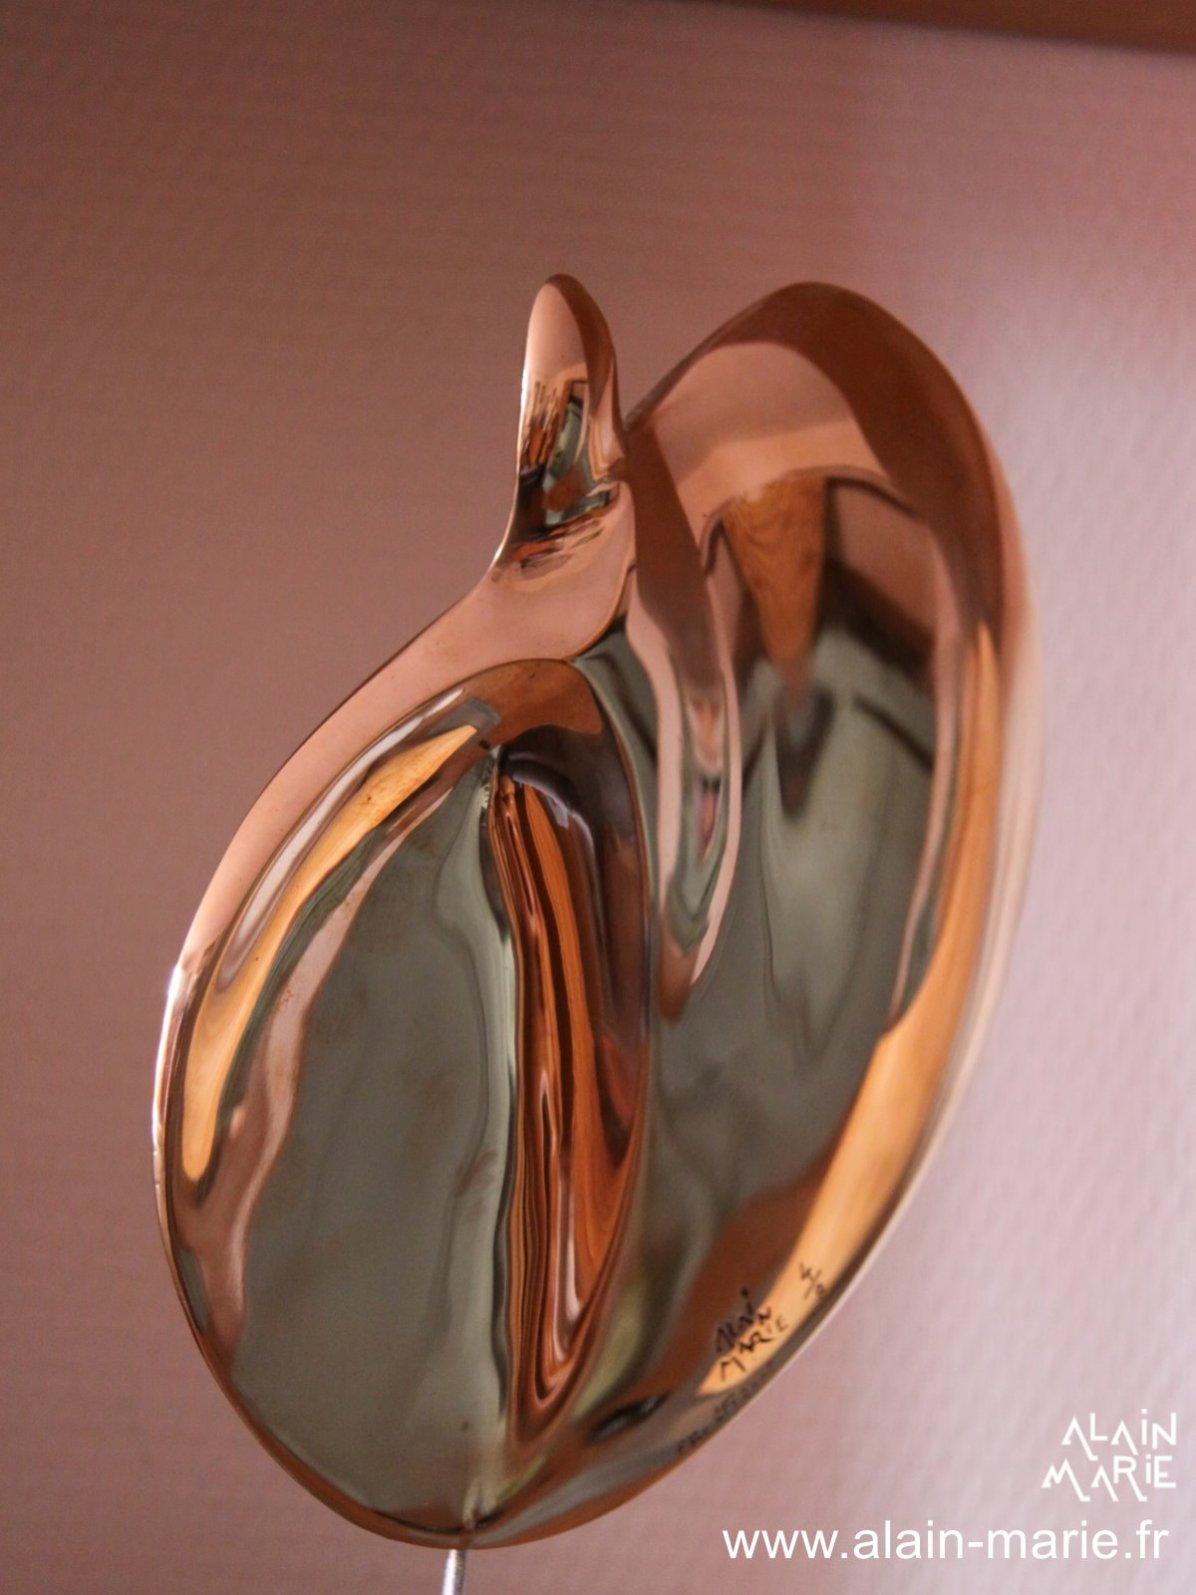 Loïe Fuller, bronze